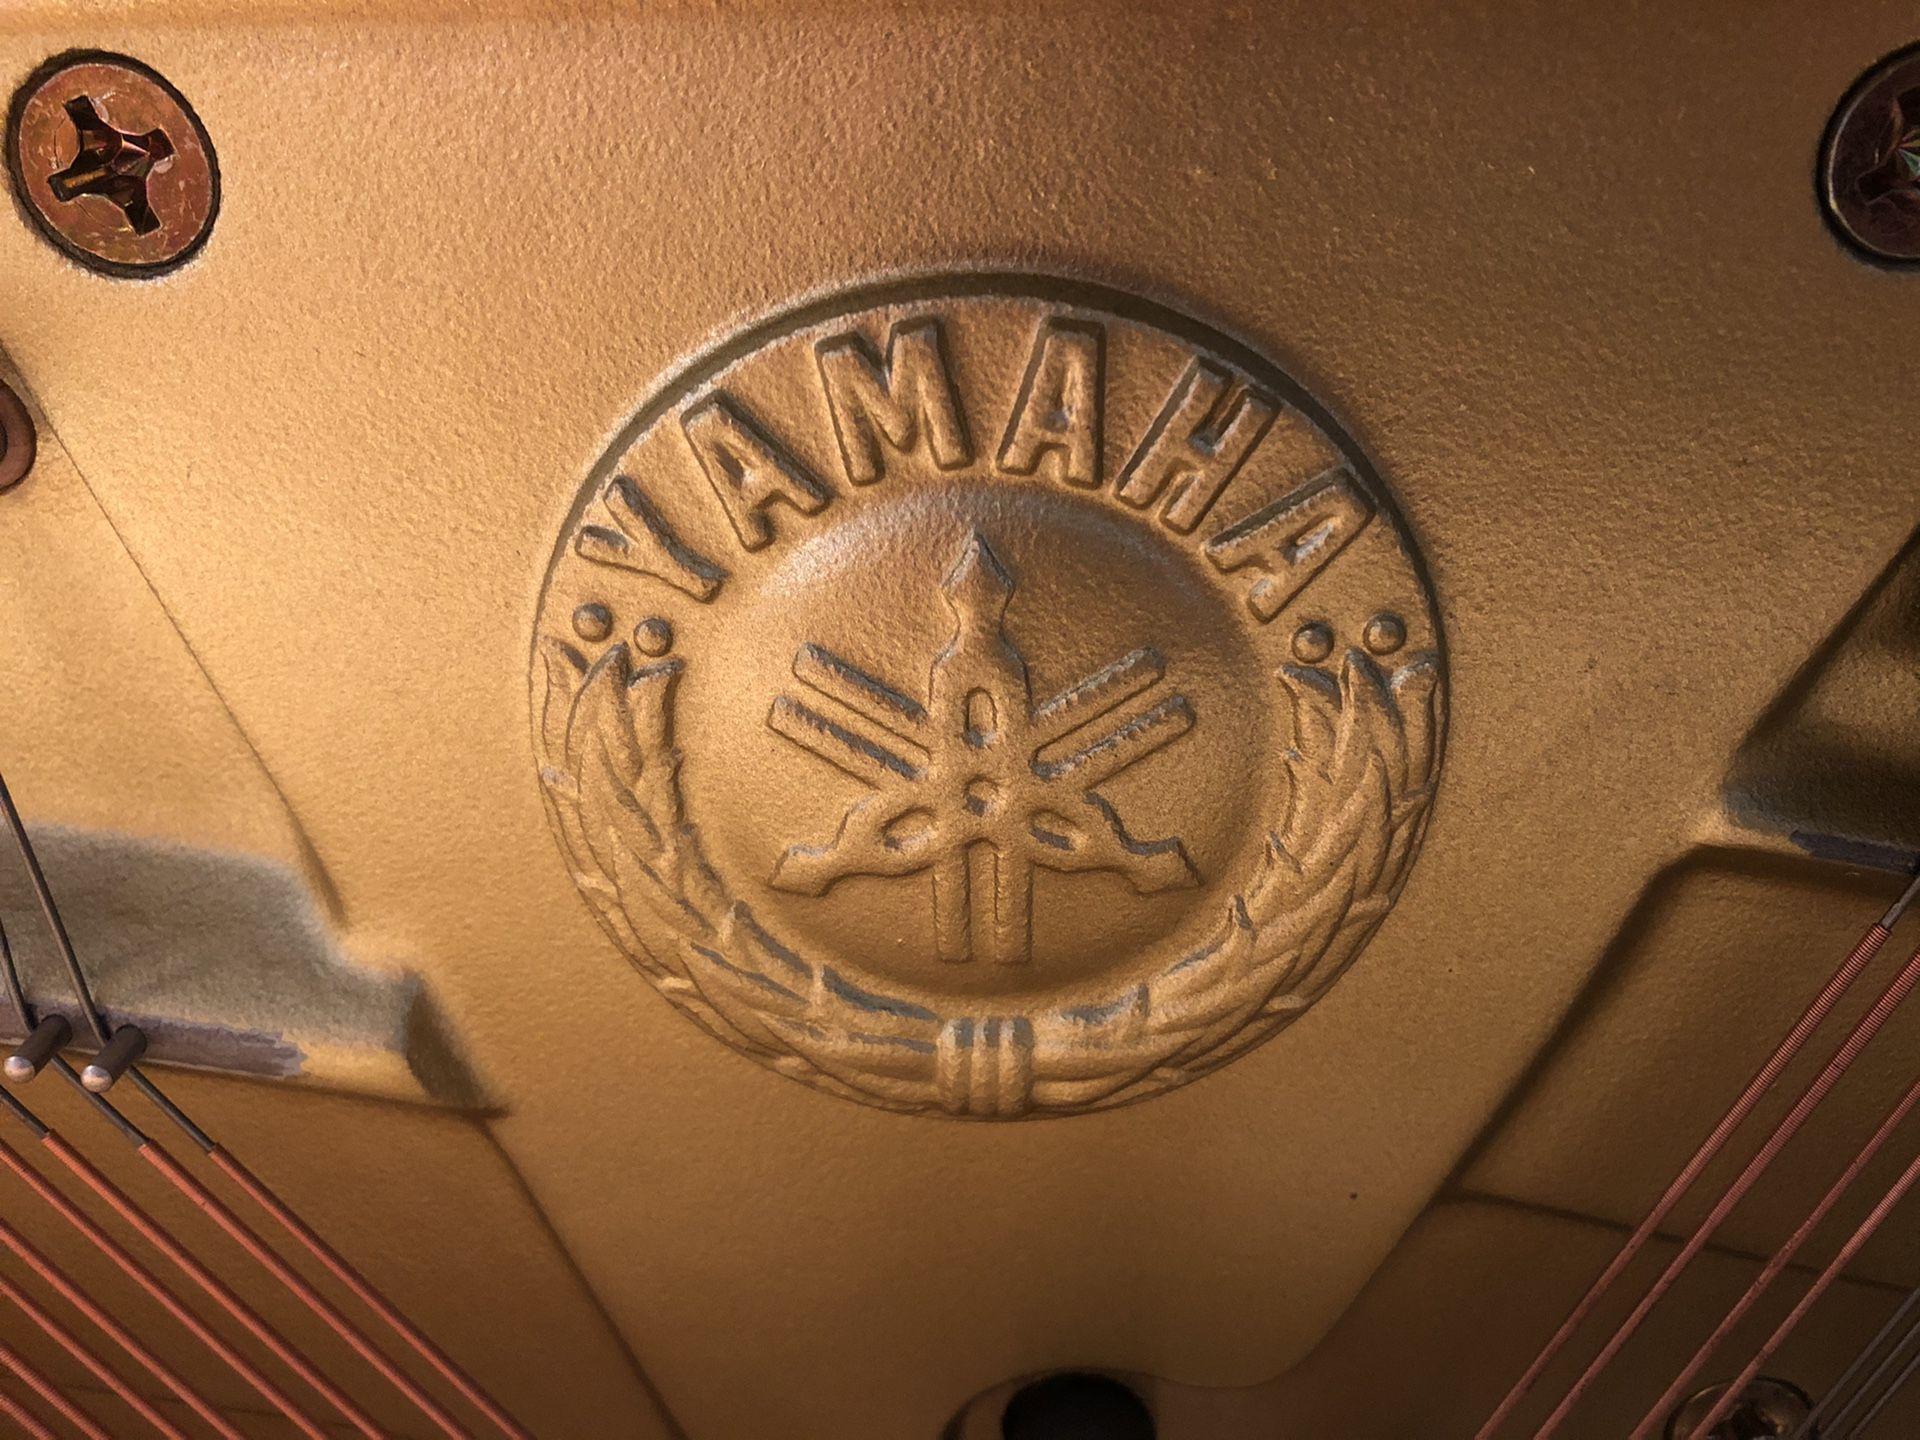 Yamaha M450 upright piano